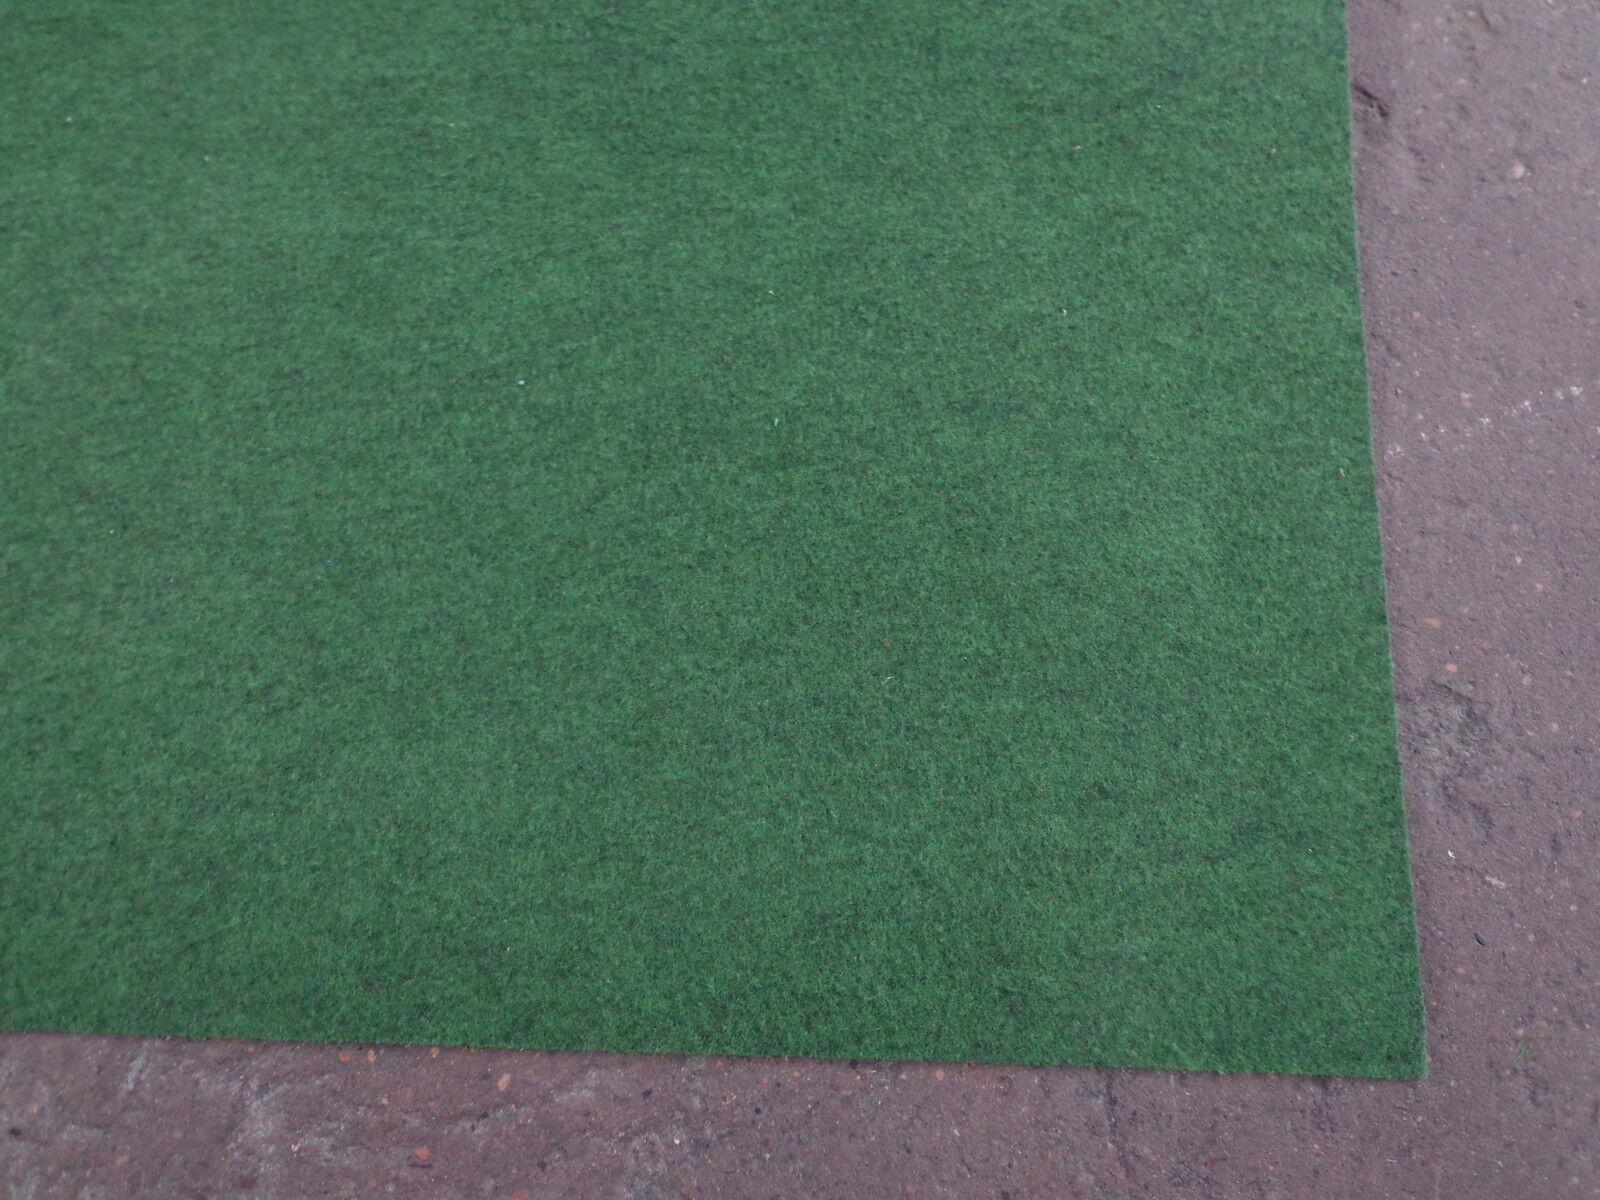 Kunstrasen Rasenteppich (  m²) Teppich 133 cm grün Fertigrasen Fertigrasen Fertigrasen Balkon Garten eafc00